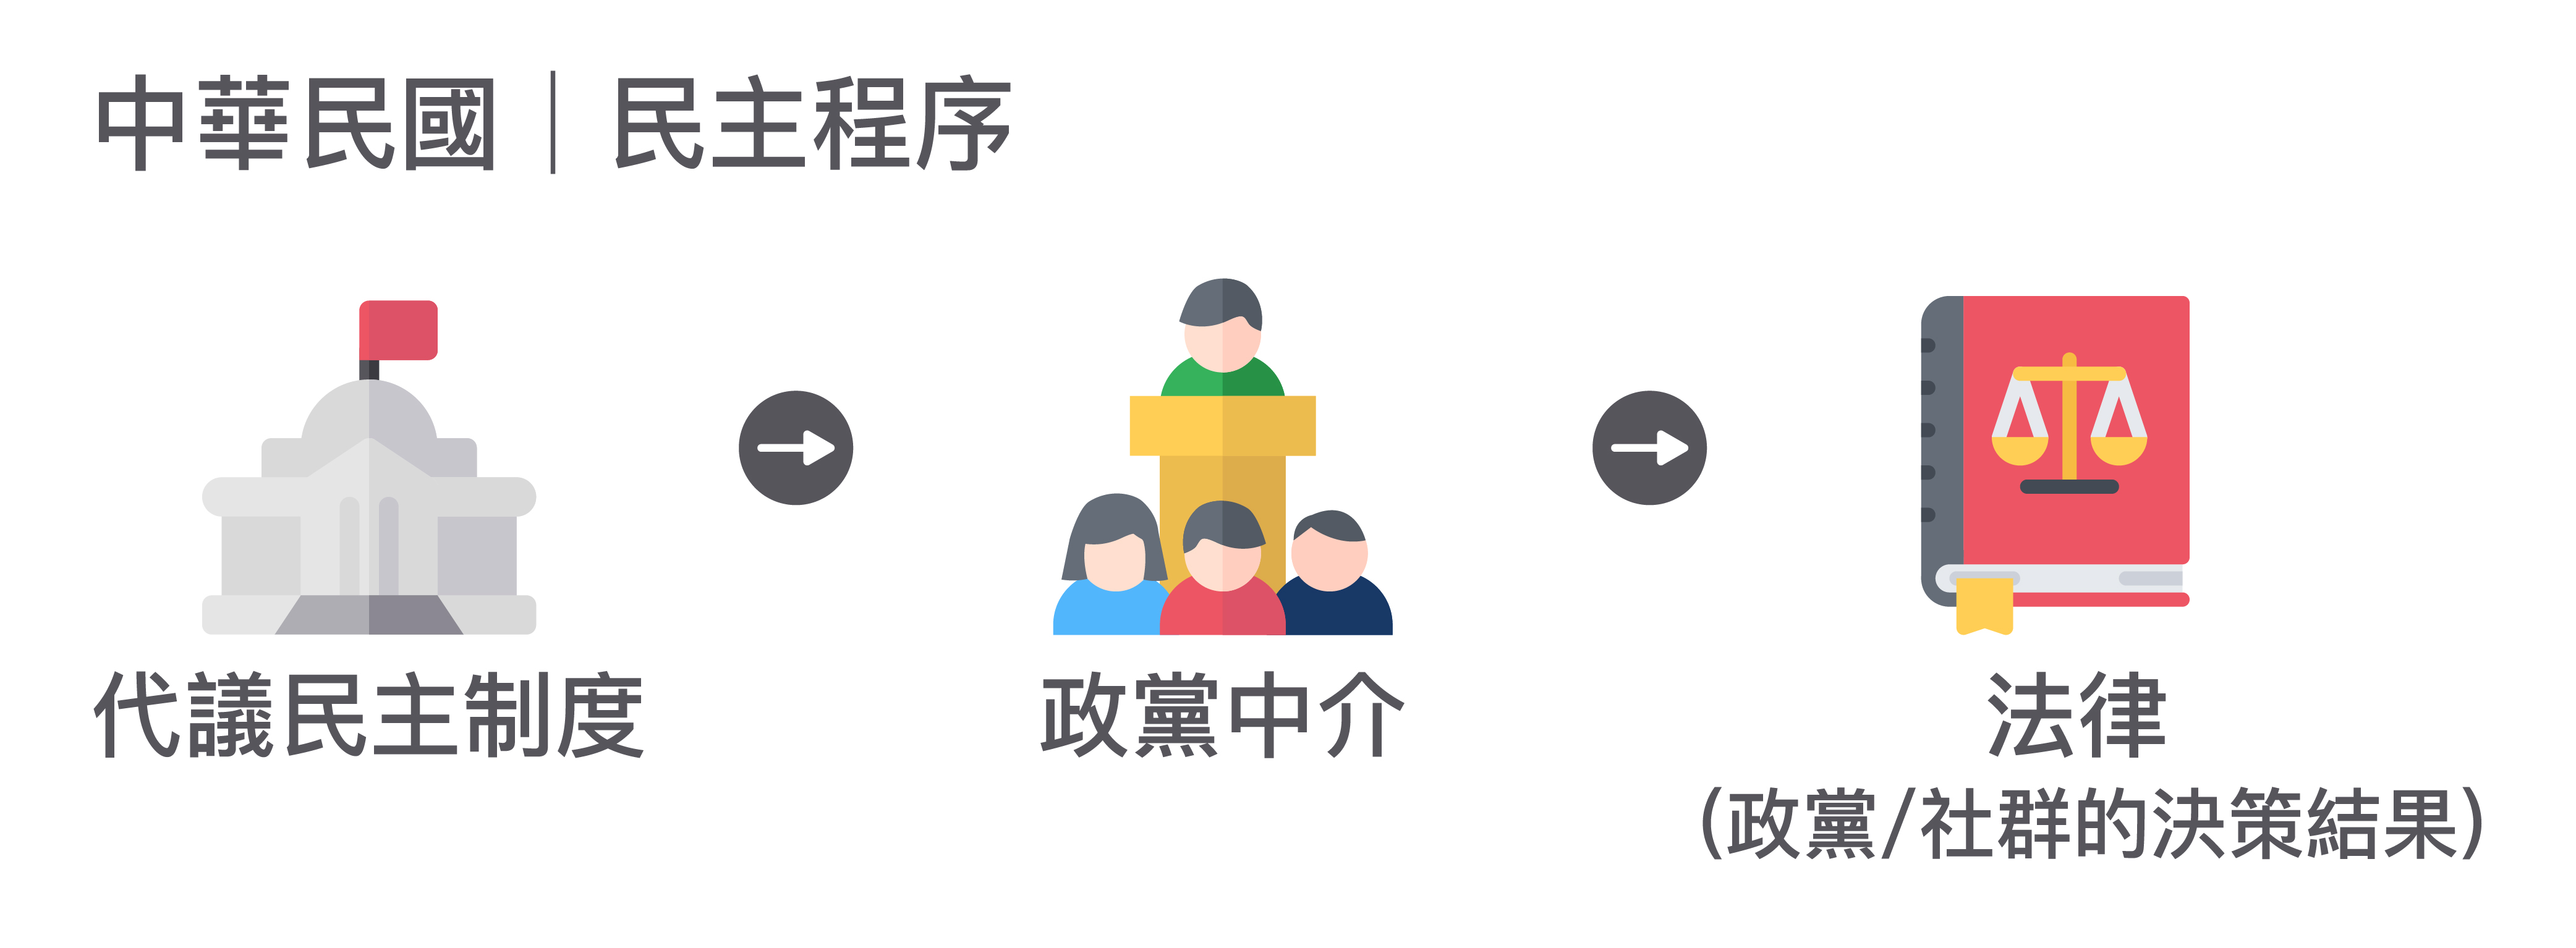 臺灣的民主,主要是透過代議民主程序運作。經由政黨的中介,立法院代表人民做成法律等民主社群的集體決策。圖│研之有物(資料來源│蘇彥圖說明)